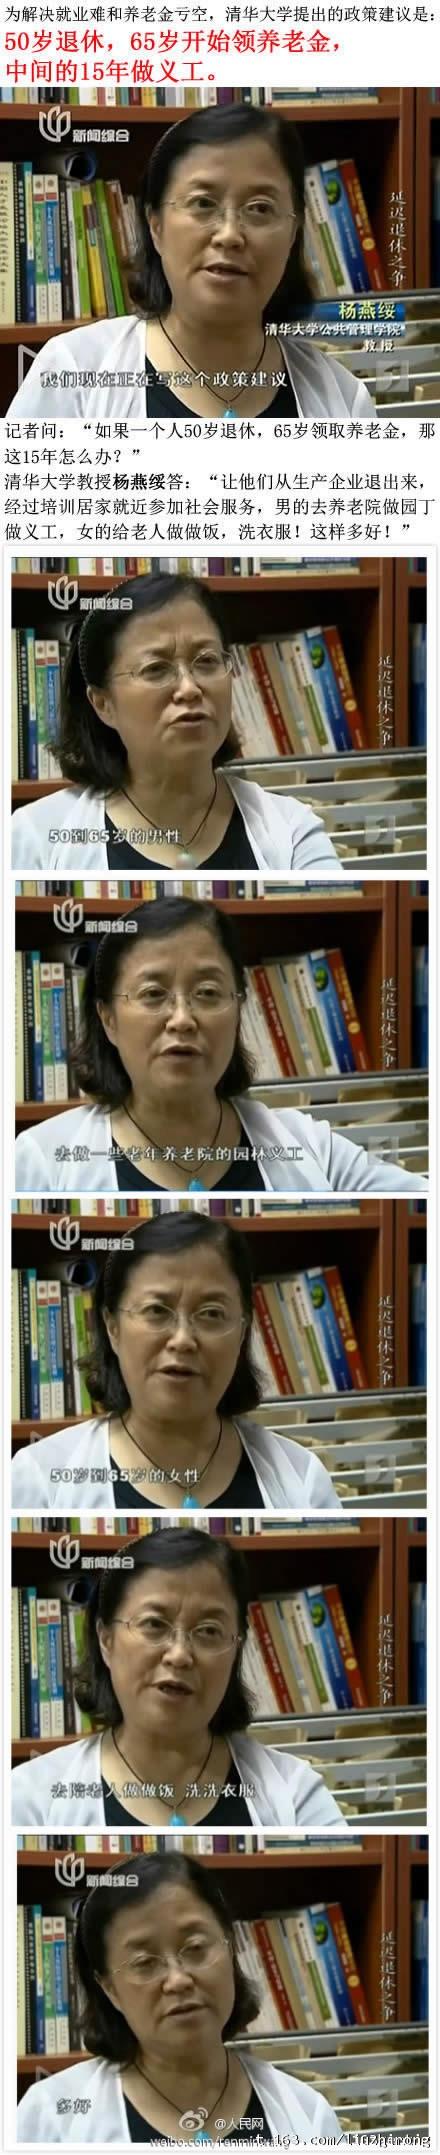 """""""以房养老""""不如废除""""双轨制"""" - dengjianfu2356 - dengjianfu2356的博客"""